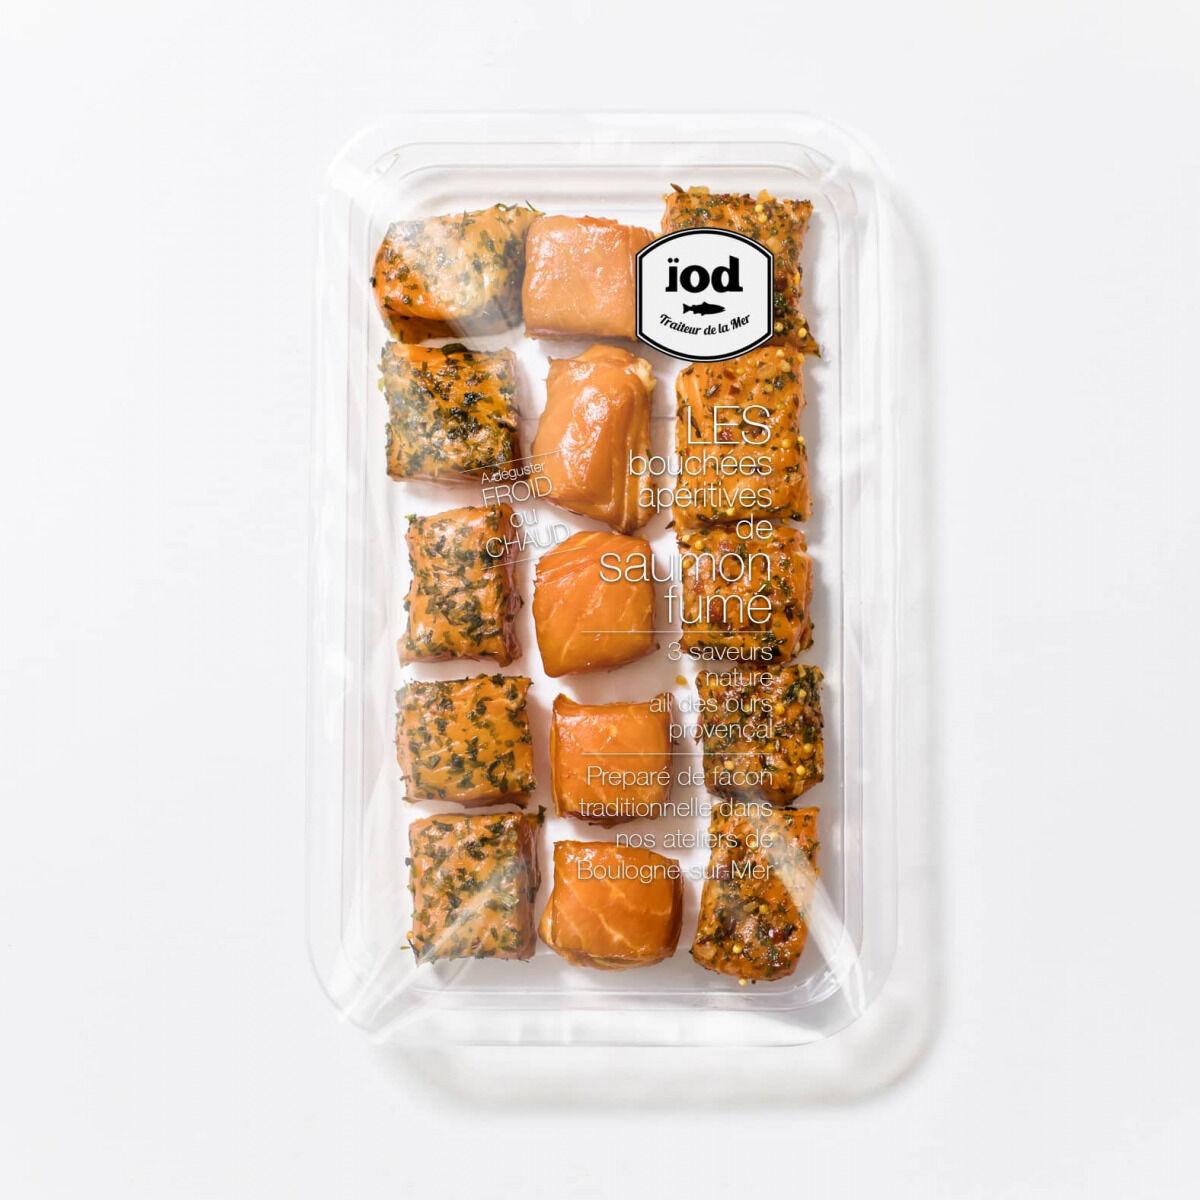 ÏOD Bouchées Apéritives de saumon fumé aux 3 saveurs